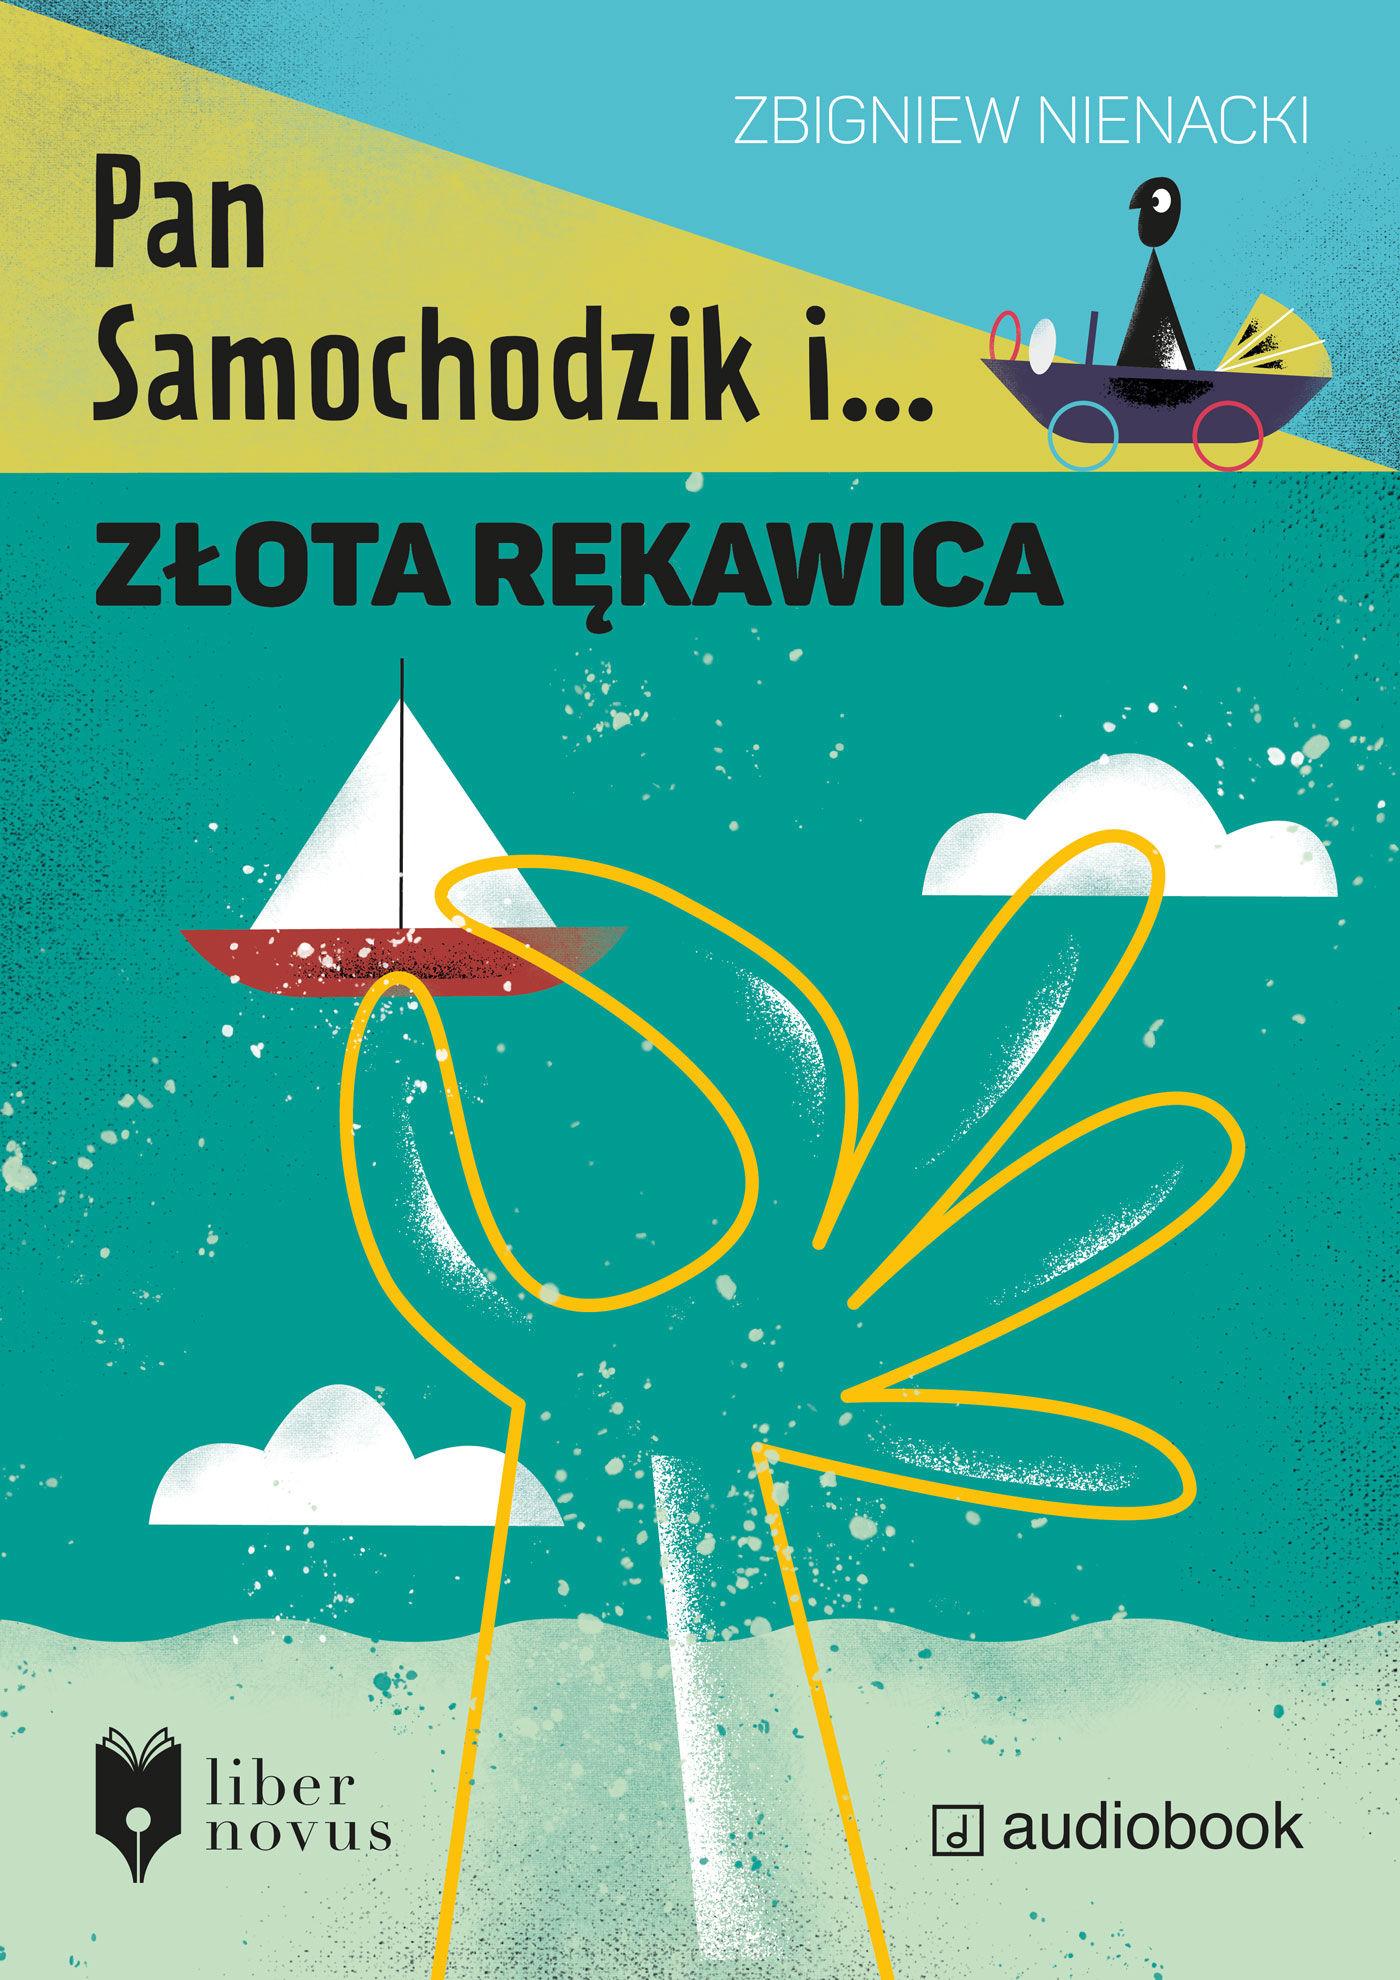 Pan Samochodzik i złota rękawica - Zbigniew Nienacki - audiobook